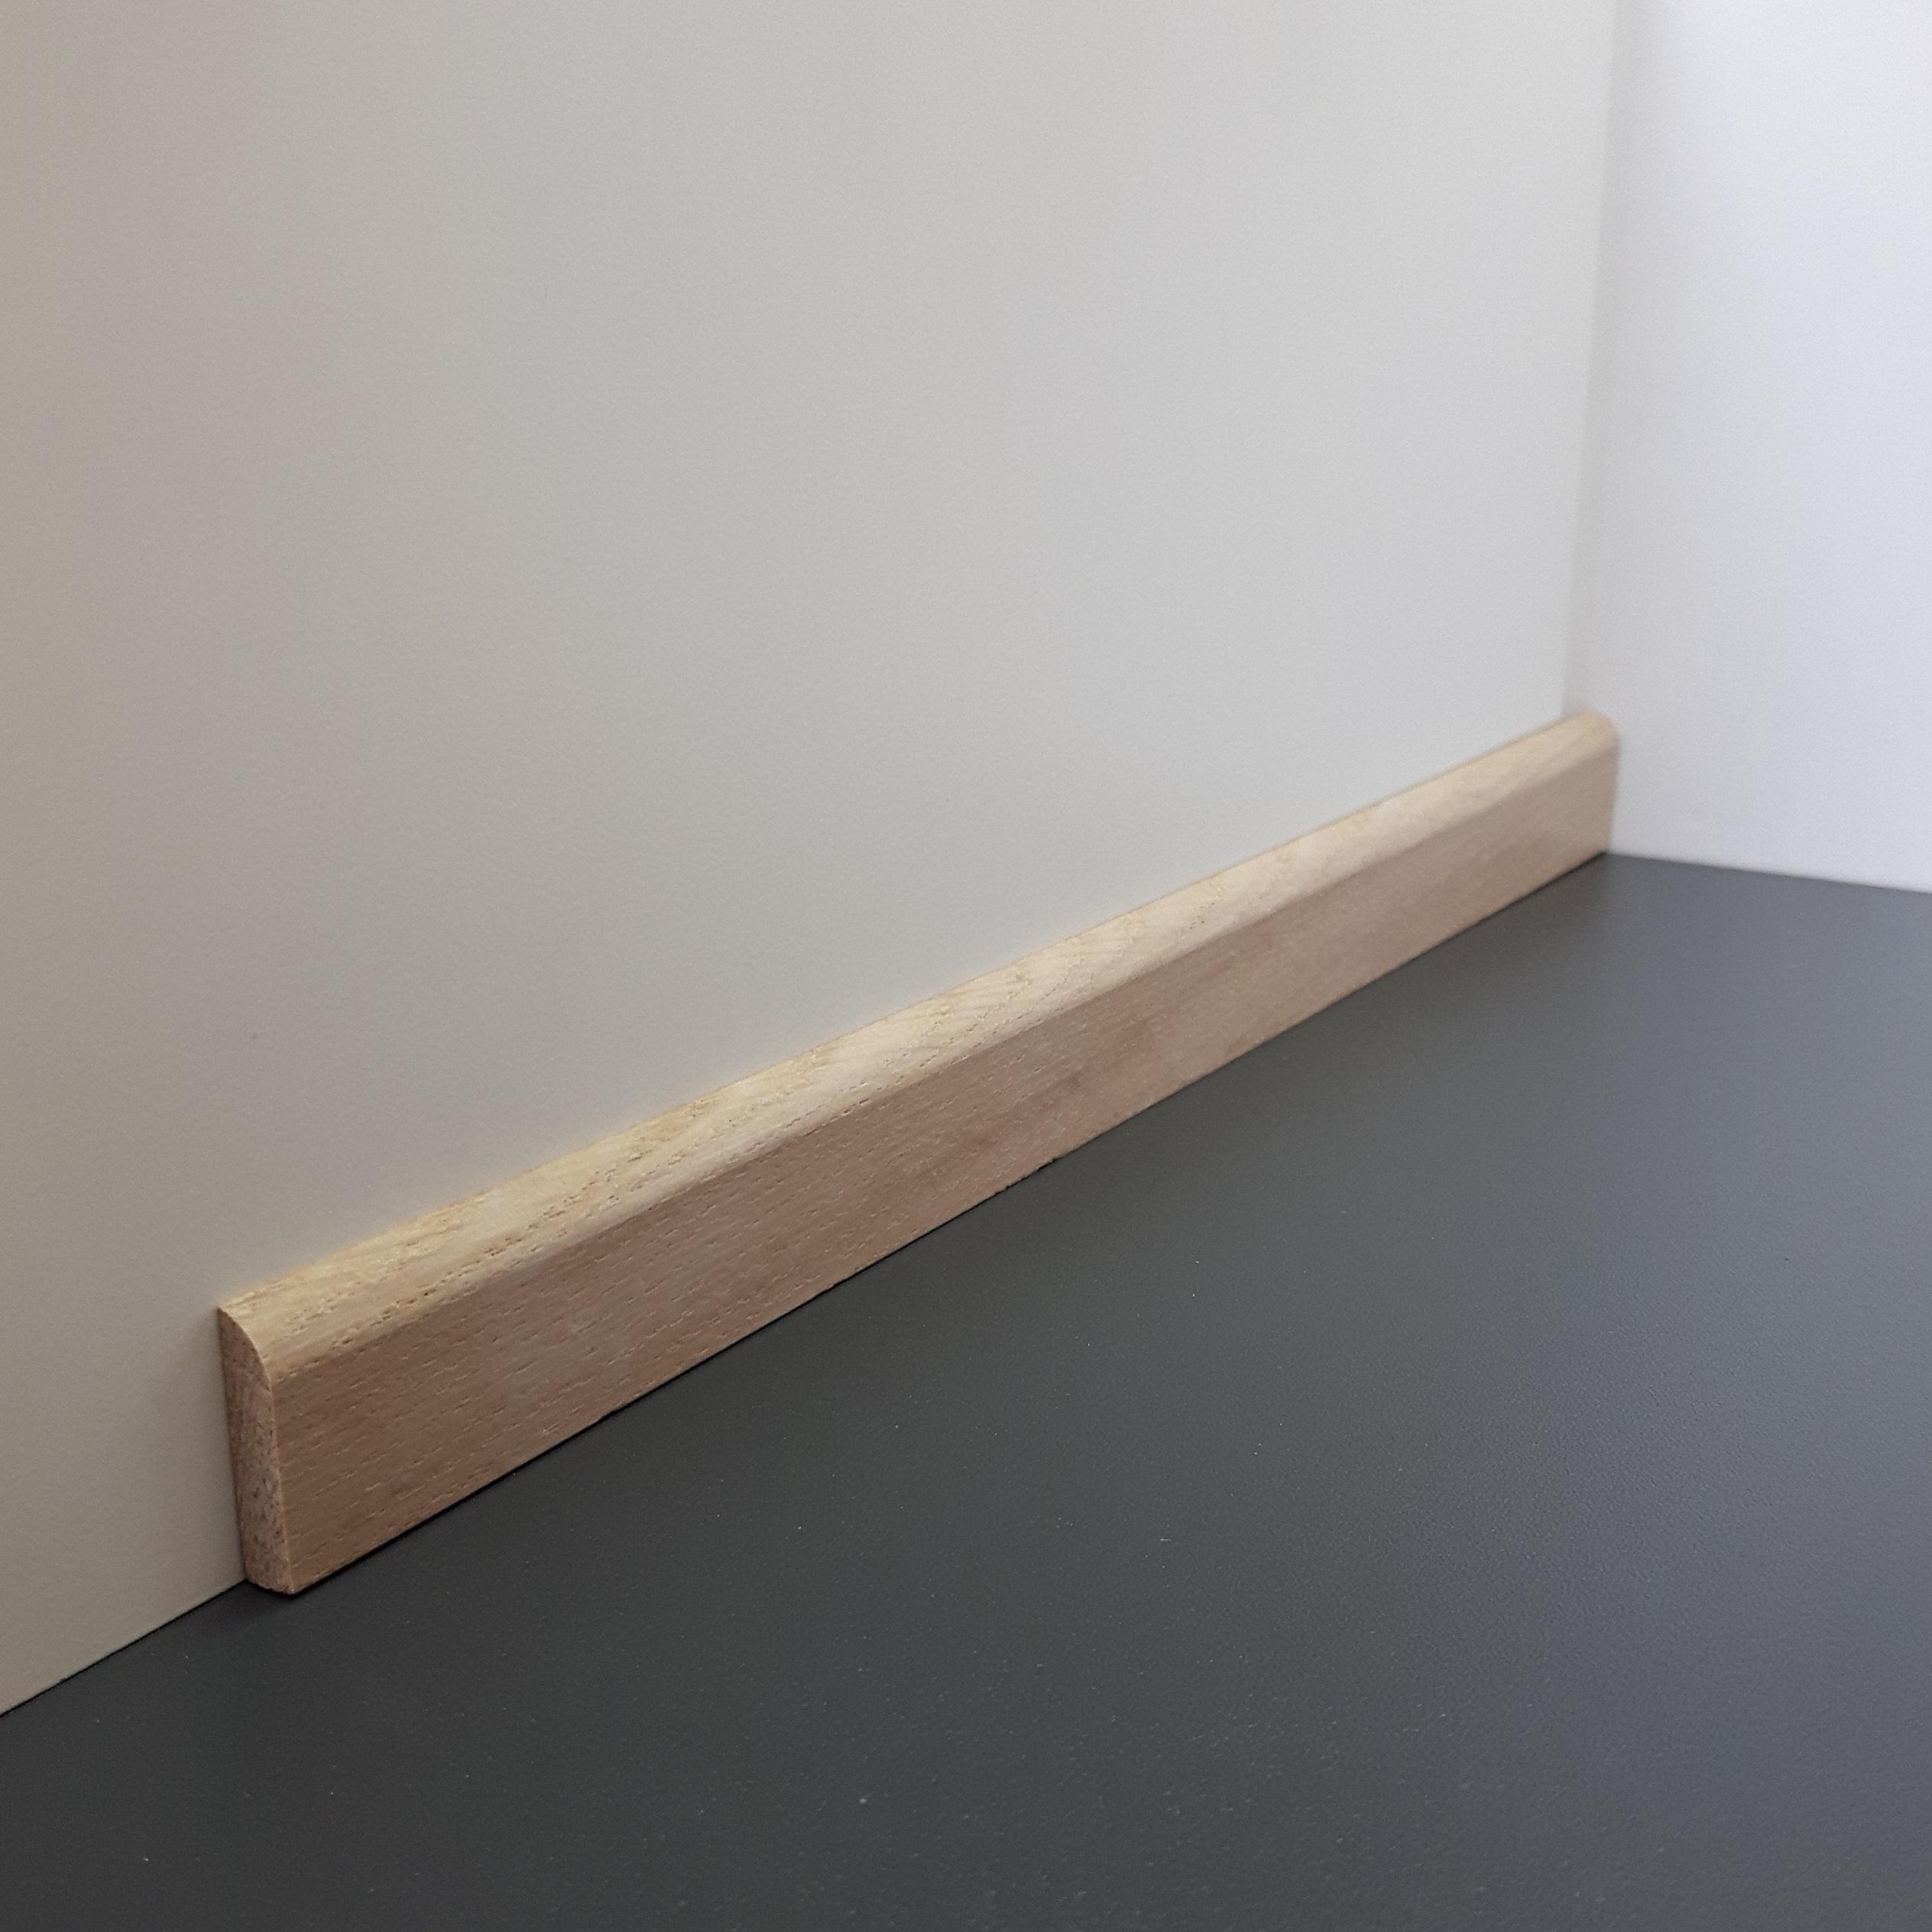 flachleiste massiv eiche wei gebeizt 24mm schn ppchen. Black Bedroom Furniture Sets. Home Design Ideas